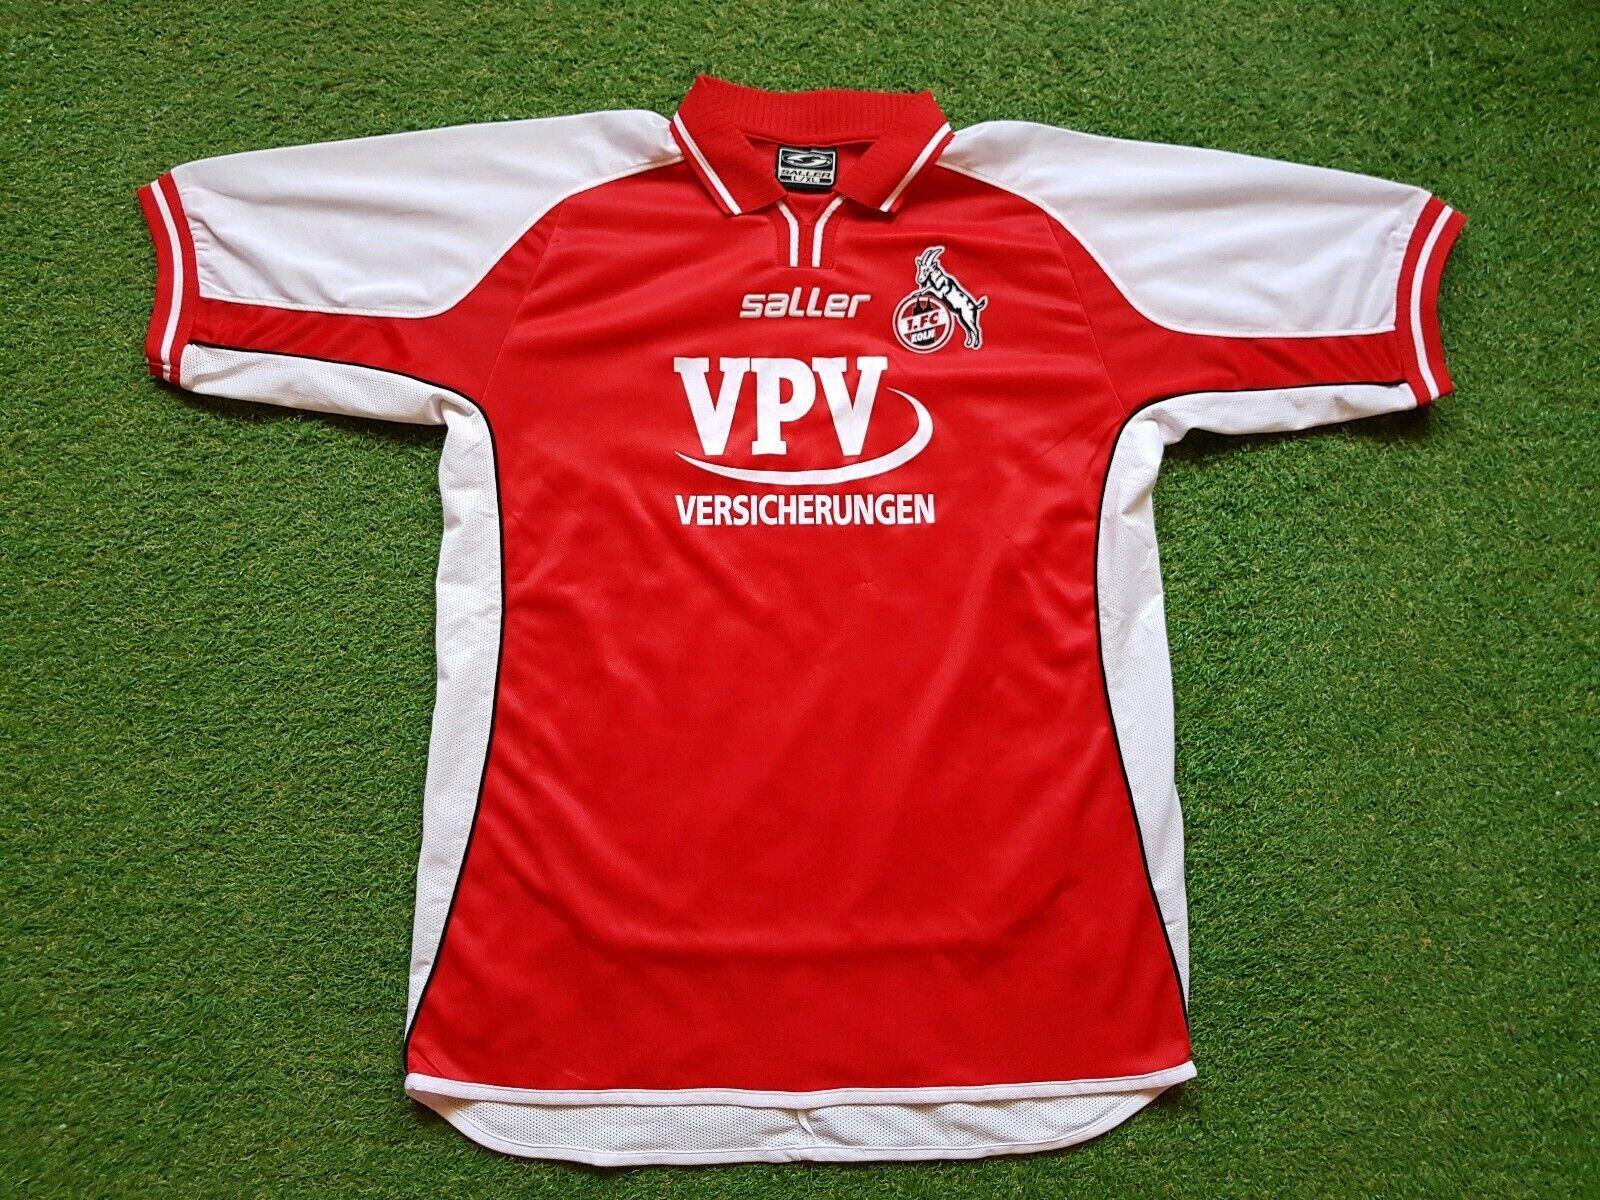 1. FC Köln Camiseta L XL 2000 2001 Saller Camiseta Jersey Vpv Versicherungen